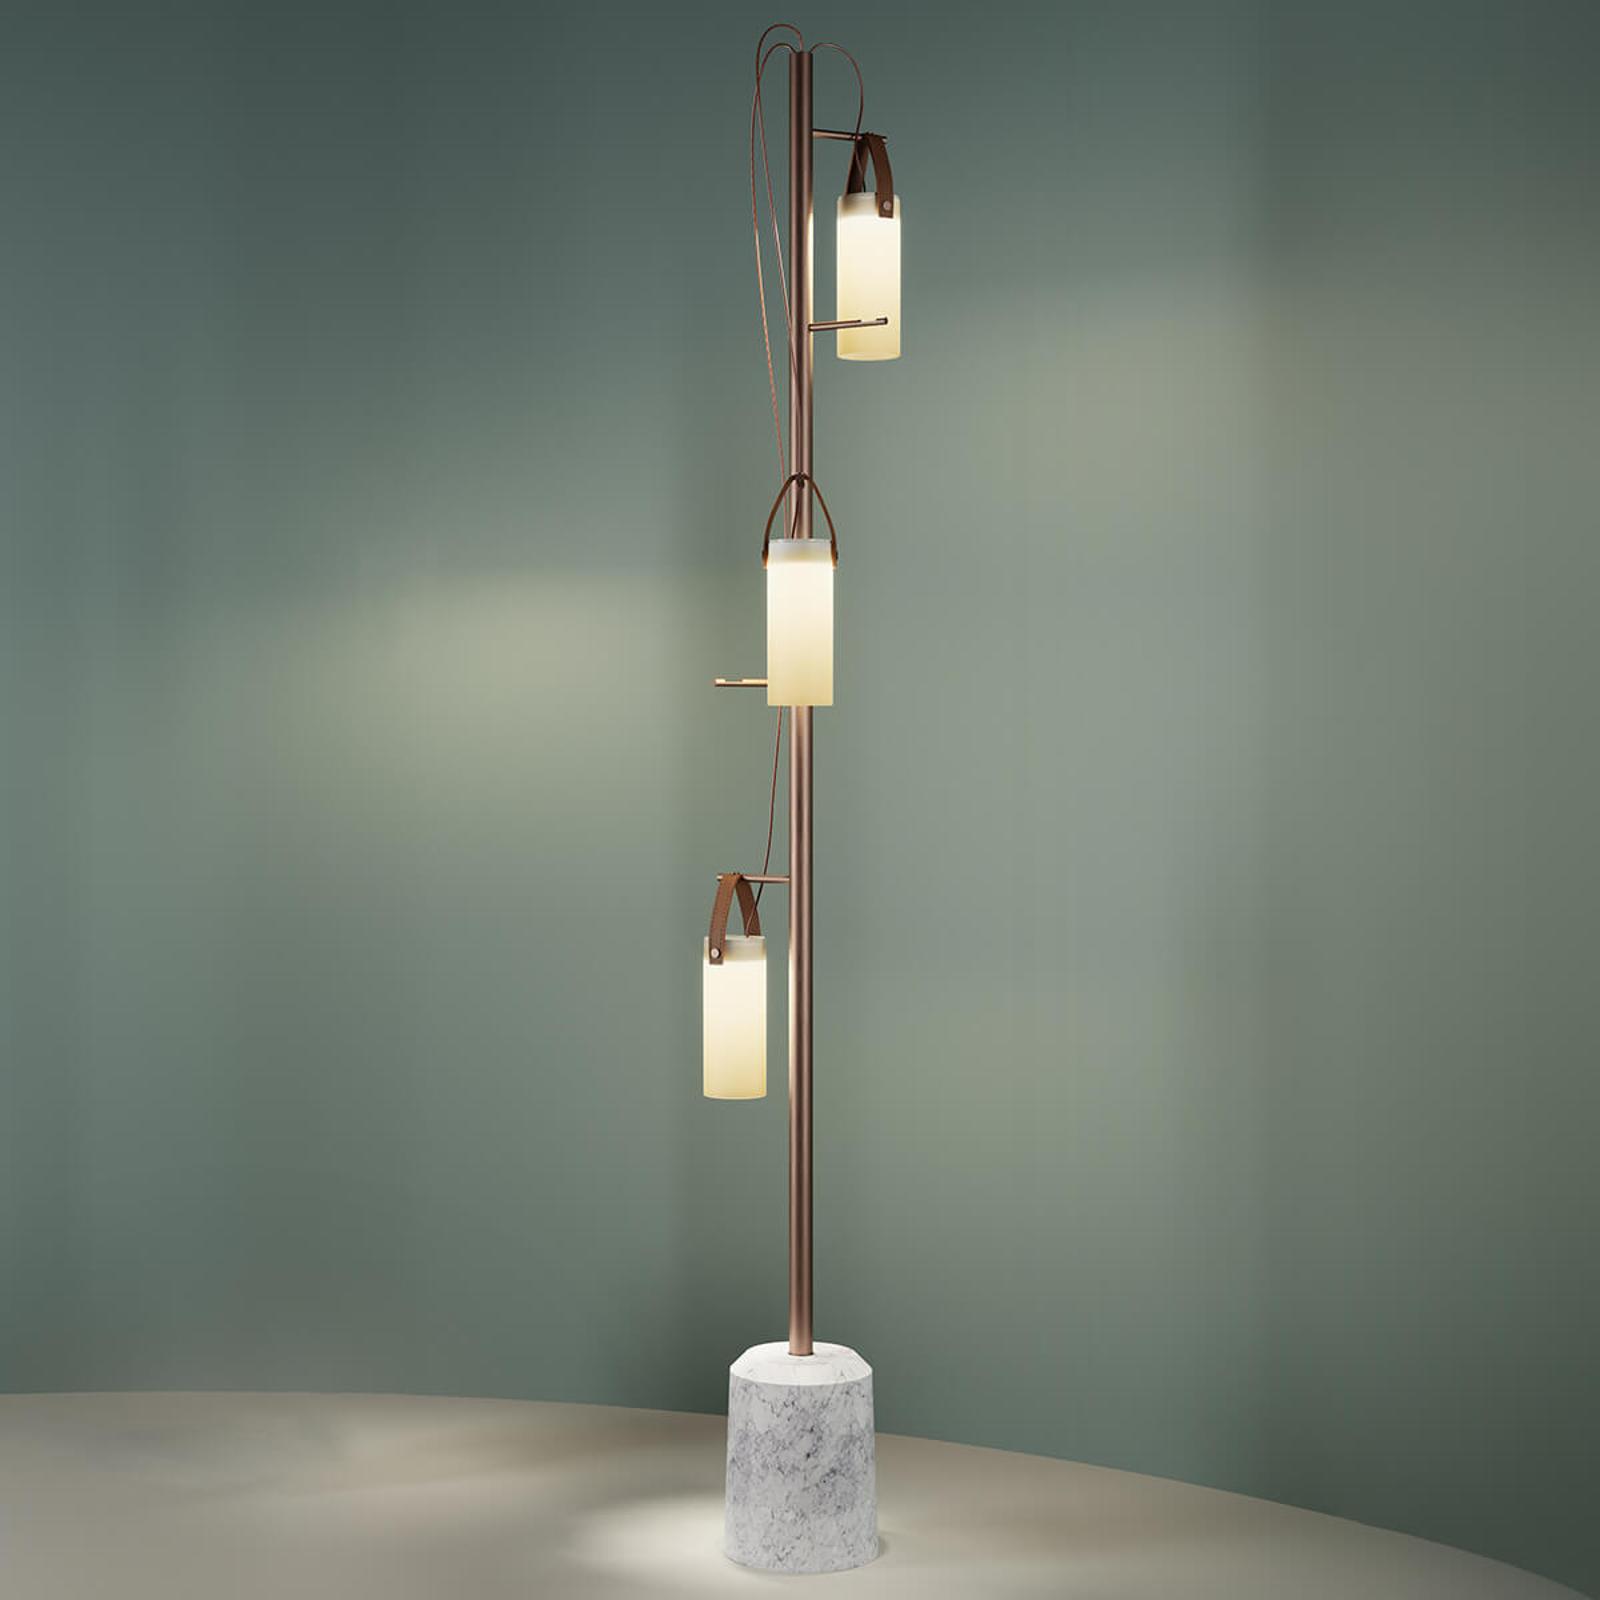 Lampadaire LED de designer à 3 lampes Galerie